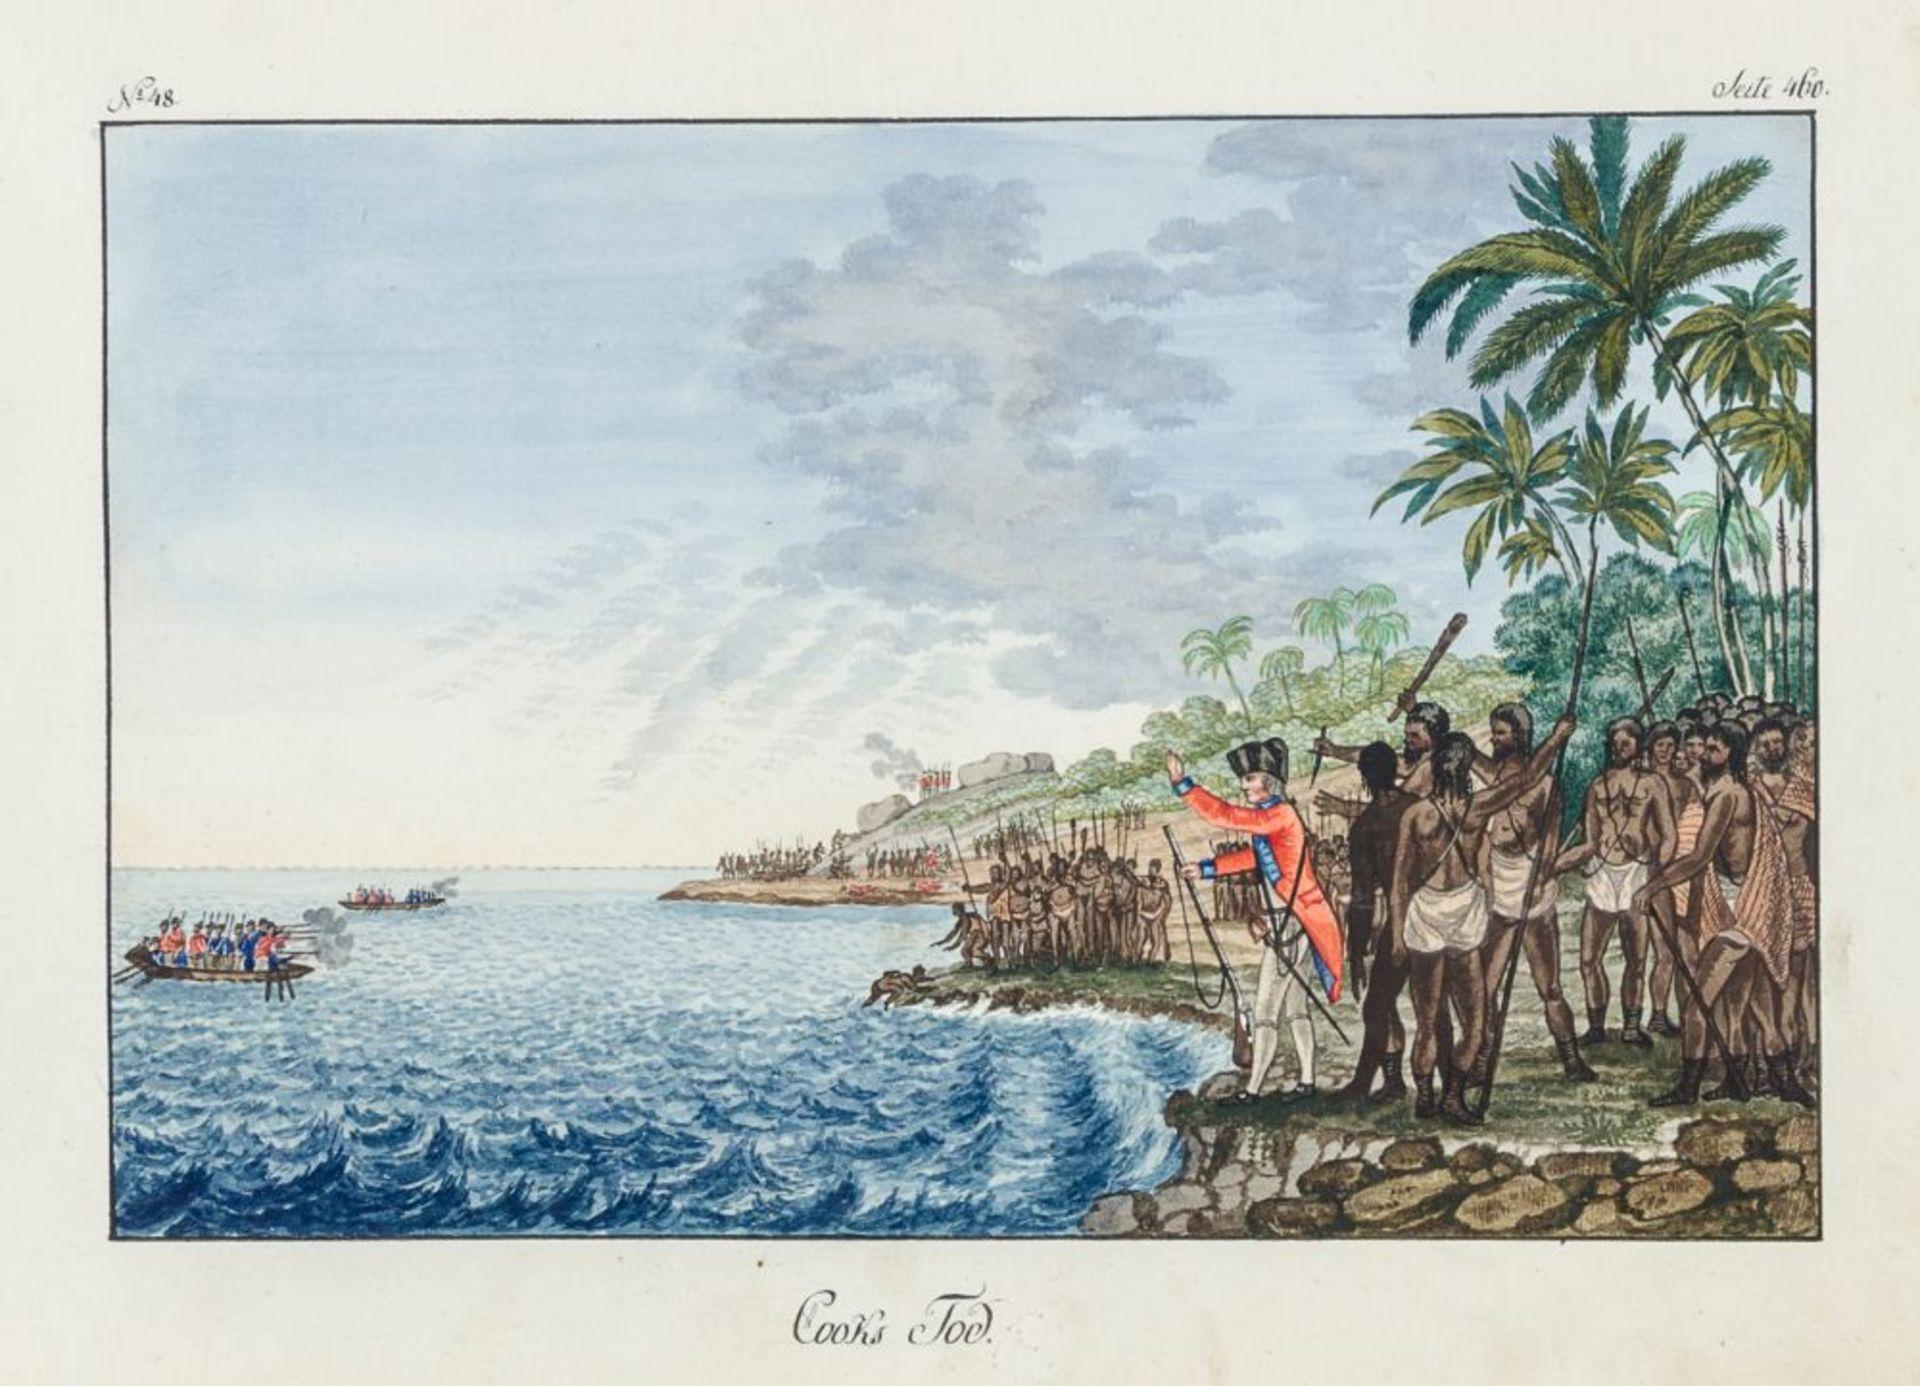 Australien und Ozeanien - - Richter, Franz nach John Webber. Scitzirte Gemählde zu Jacob Cooks - Image 8 of 10